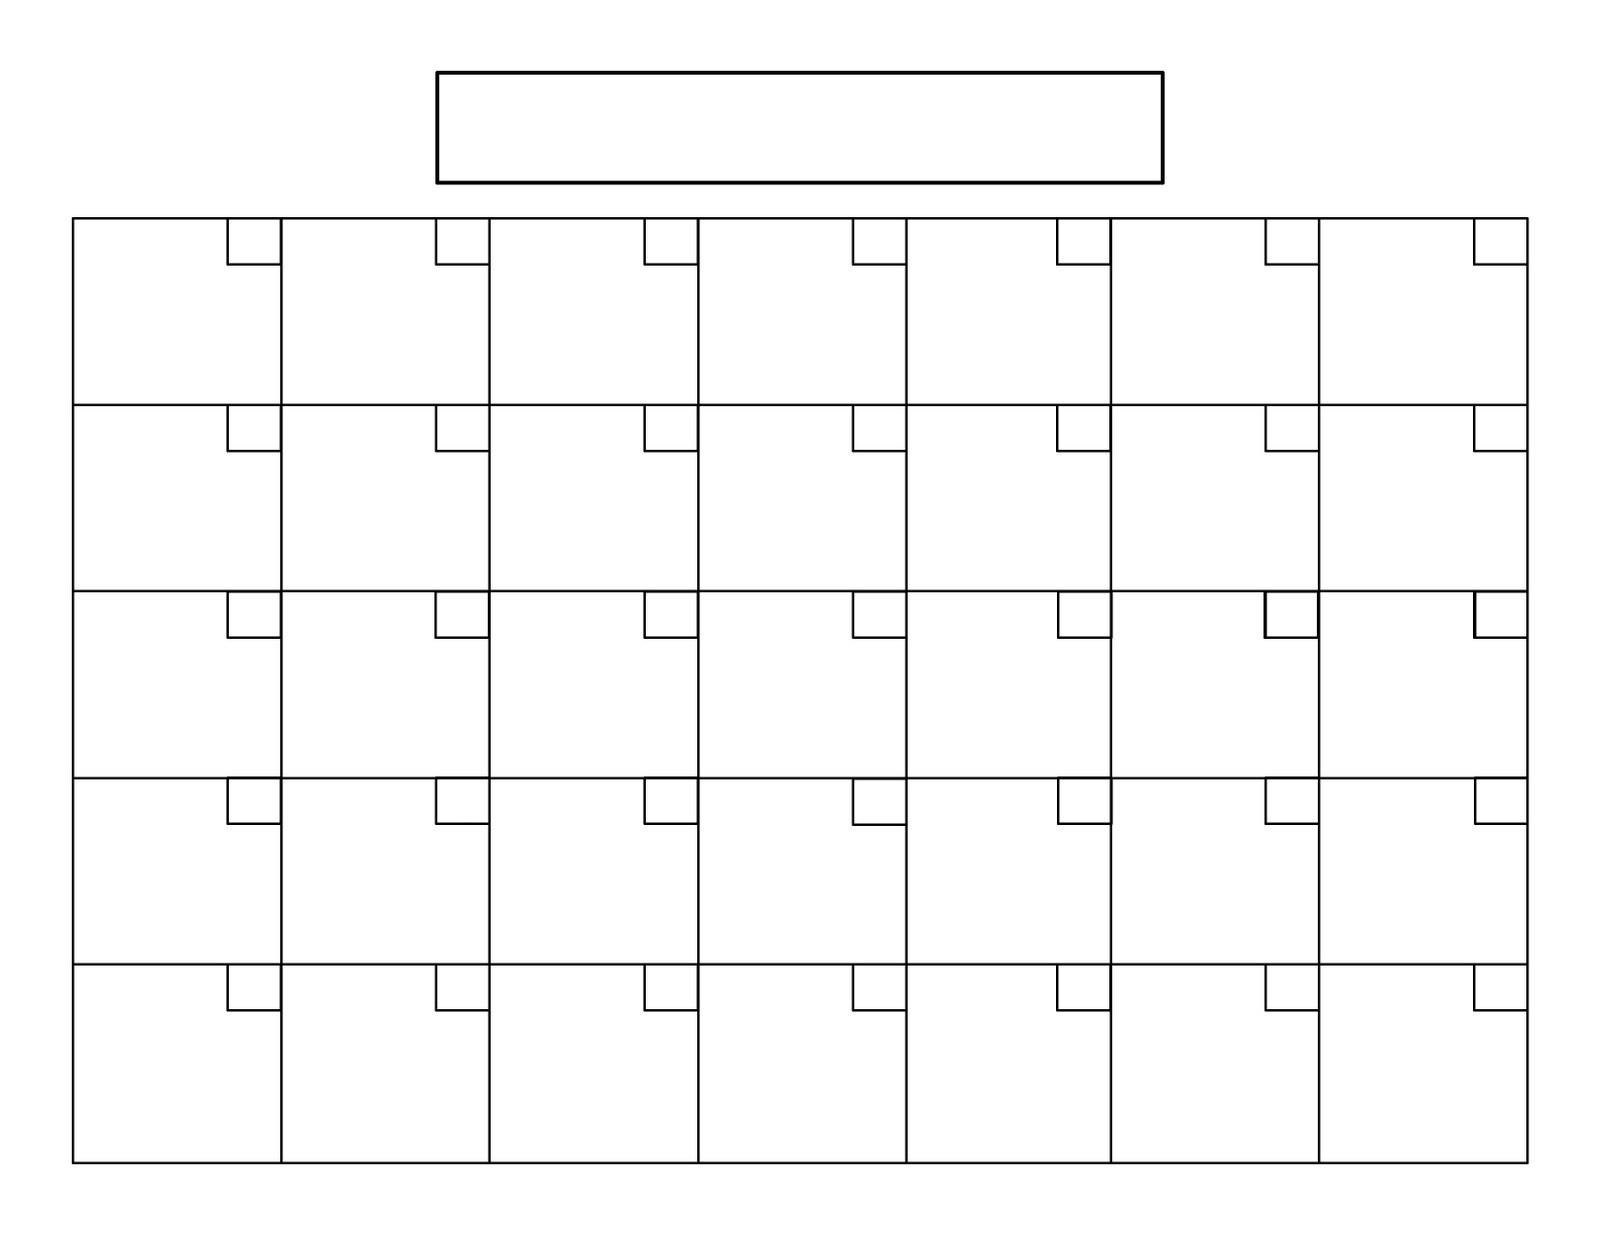 5 Week Calendar Template • Printable Blank Calendar Template-Template Printable Calendar 5 Weeks